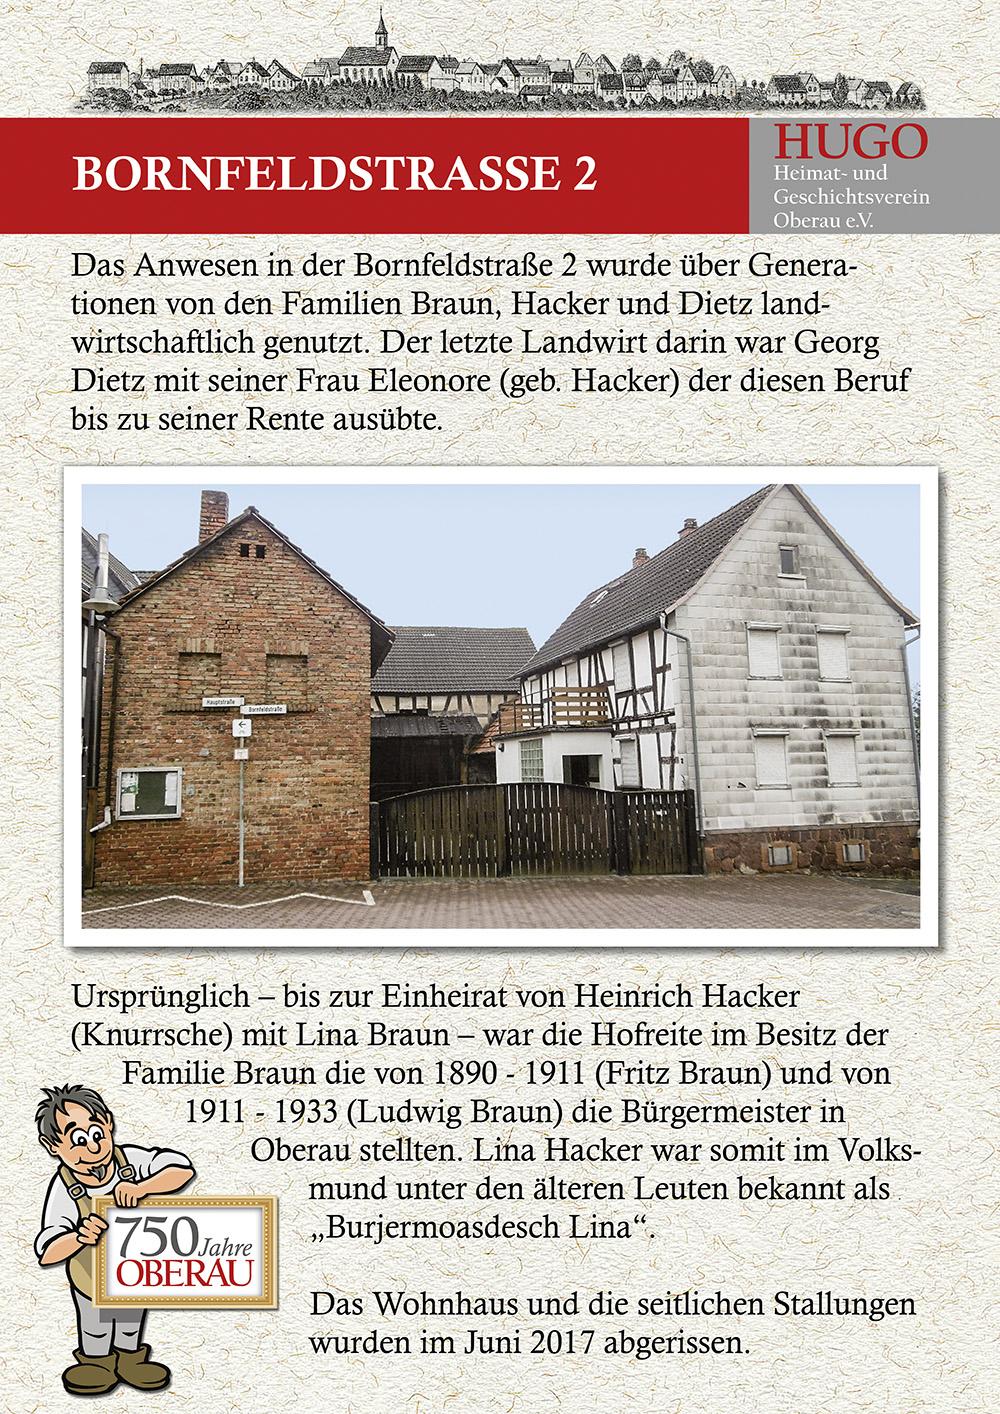 Bornfeldstraße 2